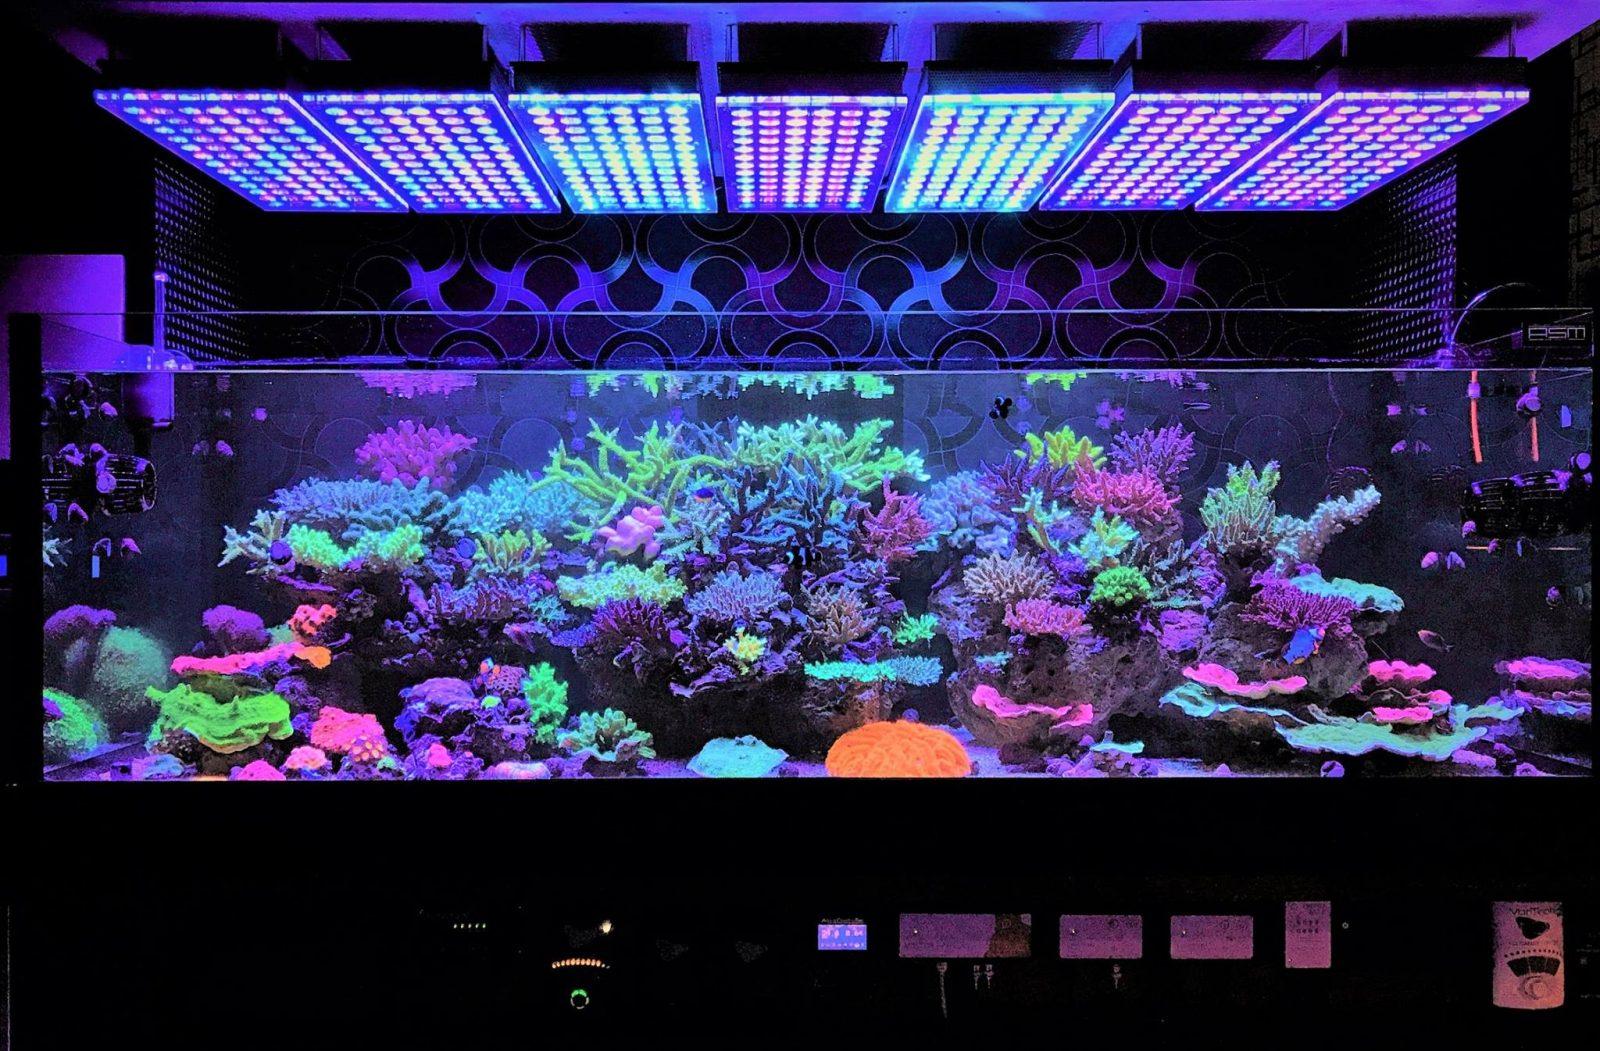 melhores aquários de recife LEDs